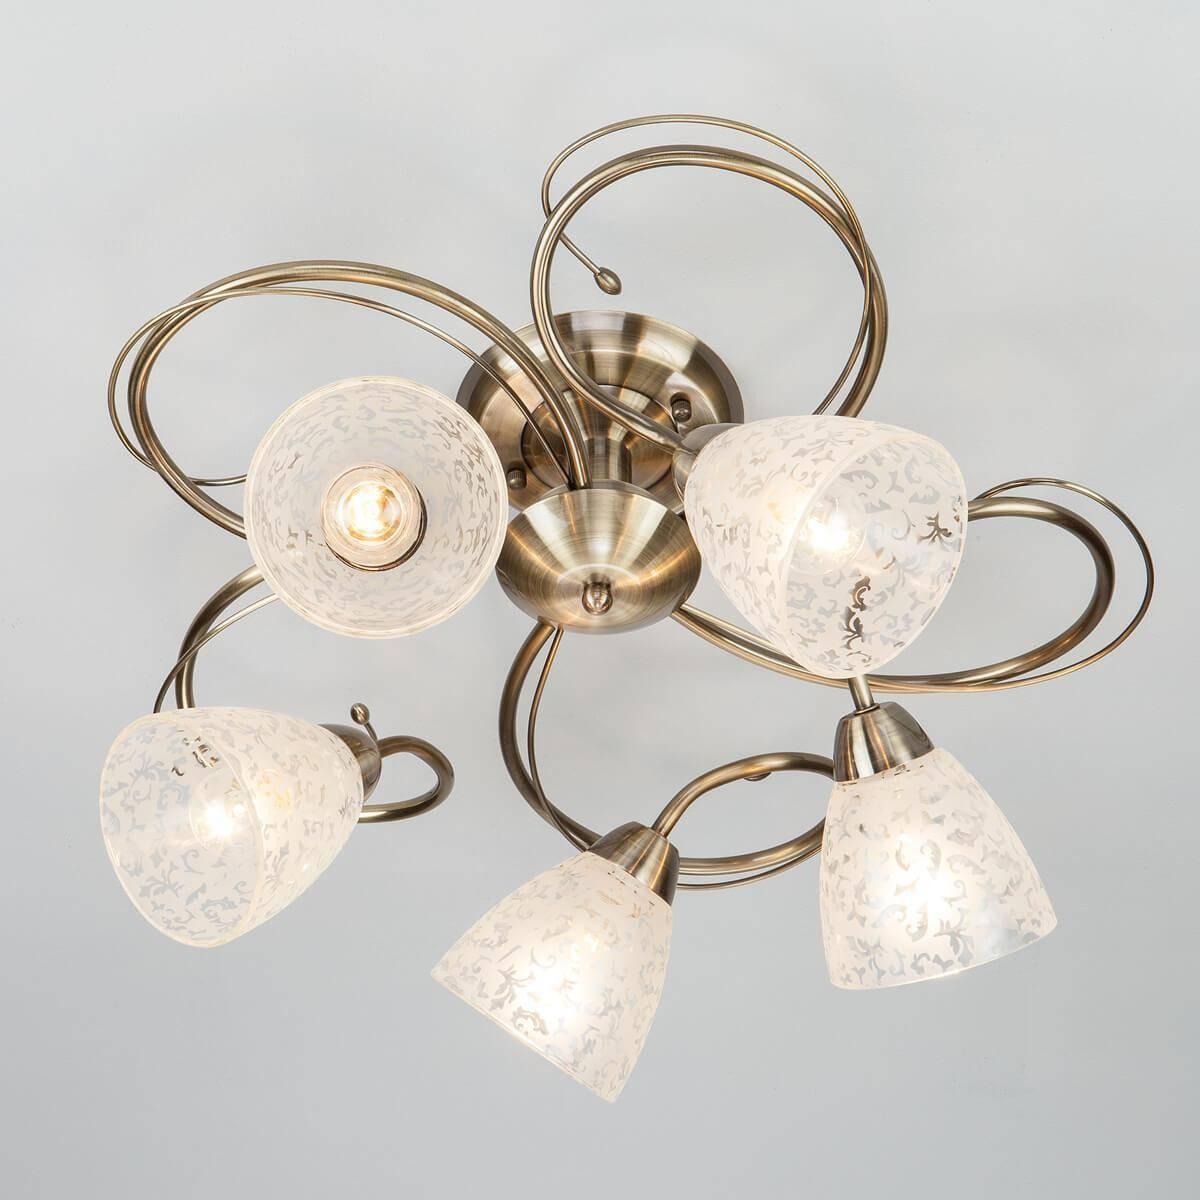 Потолочный светильник Eurosvet 30130/5 античная бронза